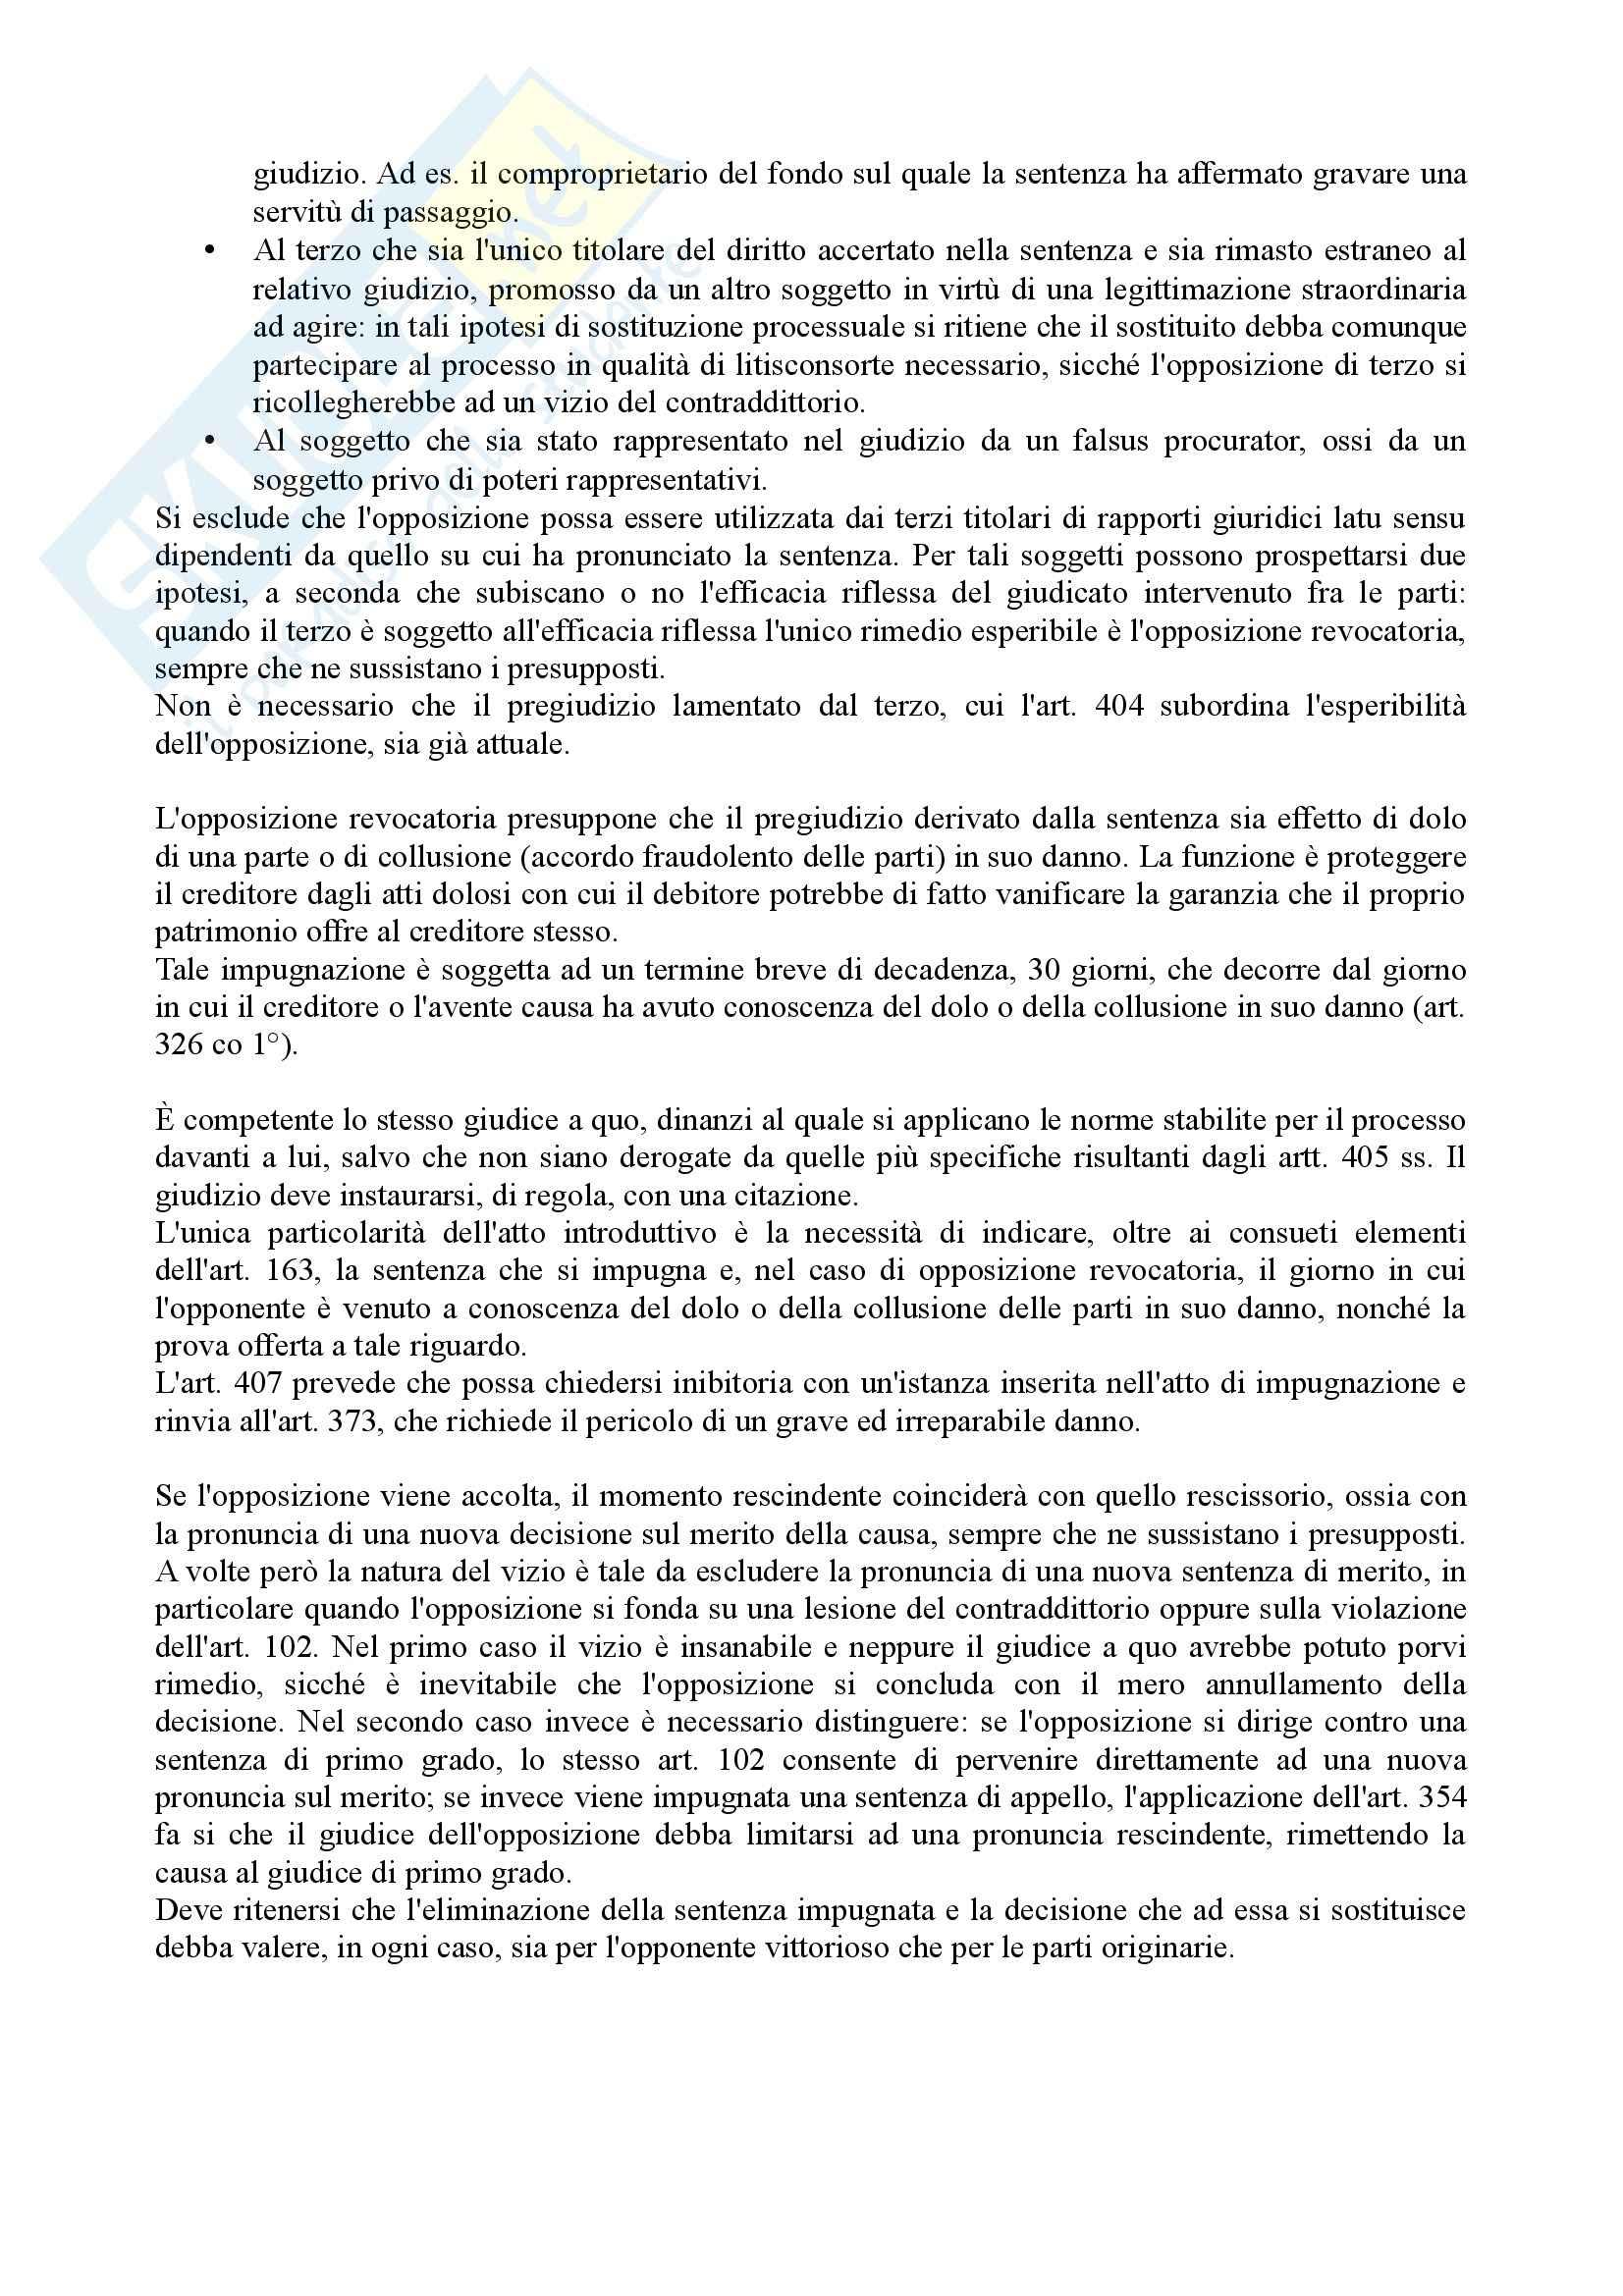 Istituzioni di diritto processuale civile - Balena - Riassunto esame Pag. 81